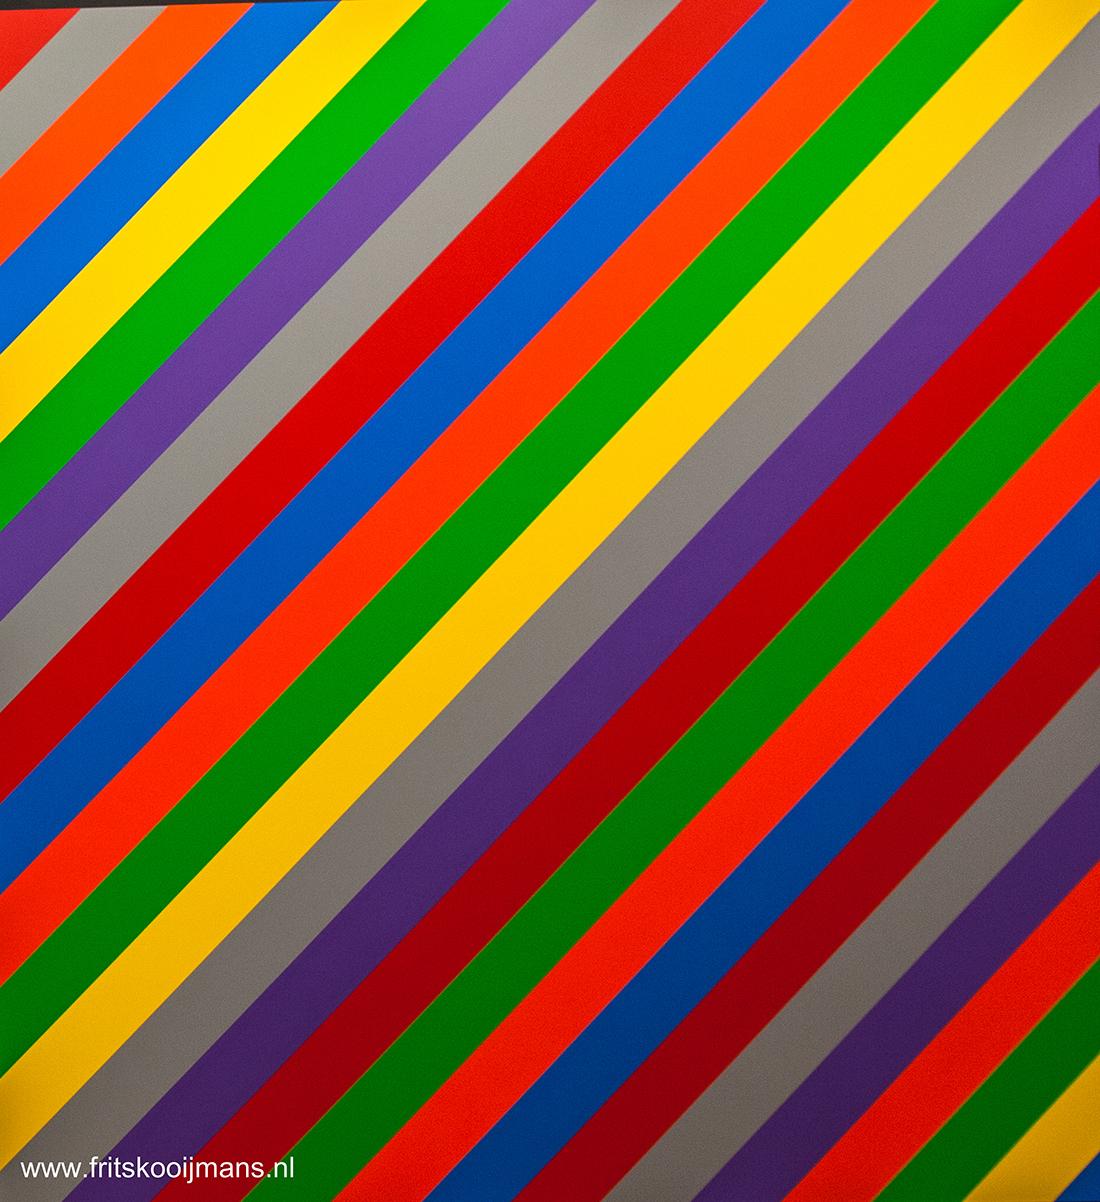 Deel Schilderij Stedelijk Museum Amsterdam - 201503146173 Schilderij Stedelijk Museum Amsterdam - foto door fritskooijmans op 26-05-2015 - deze foto bevat: kleuren, amsterdam, museum, schilderij, diagonaal, stedelijk museum